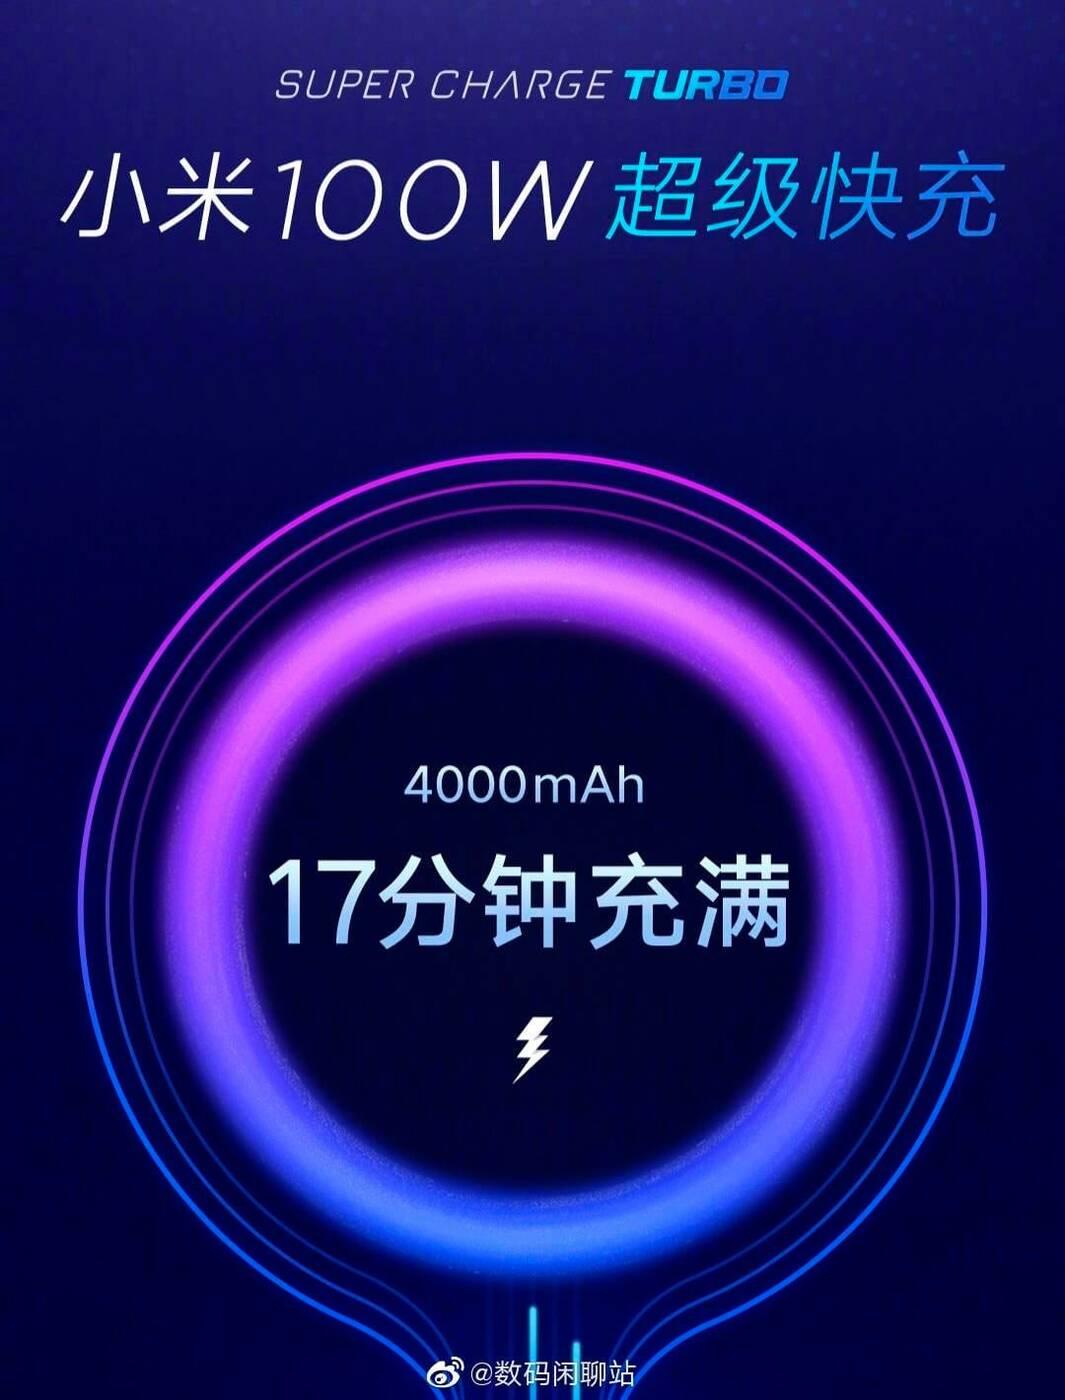 Super Charge Turbo, xiaomi Super Charge Turbo, szybkie ładowanie 100 W